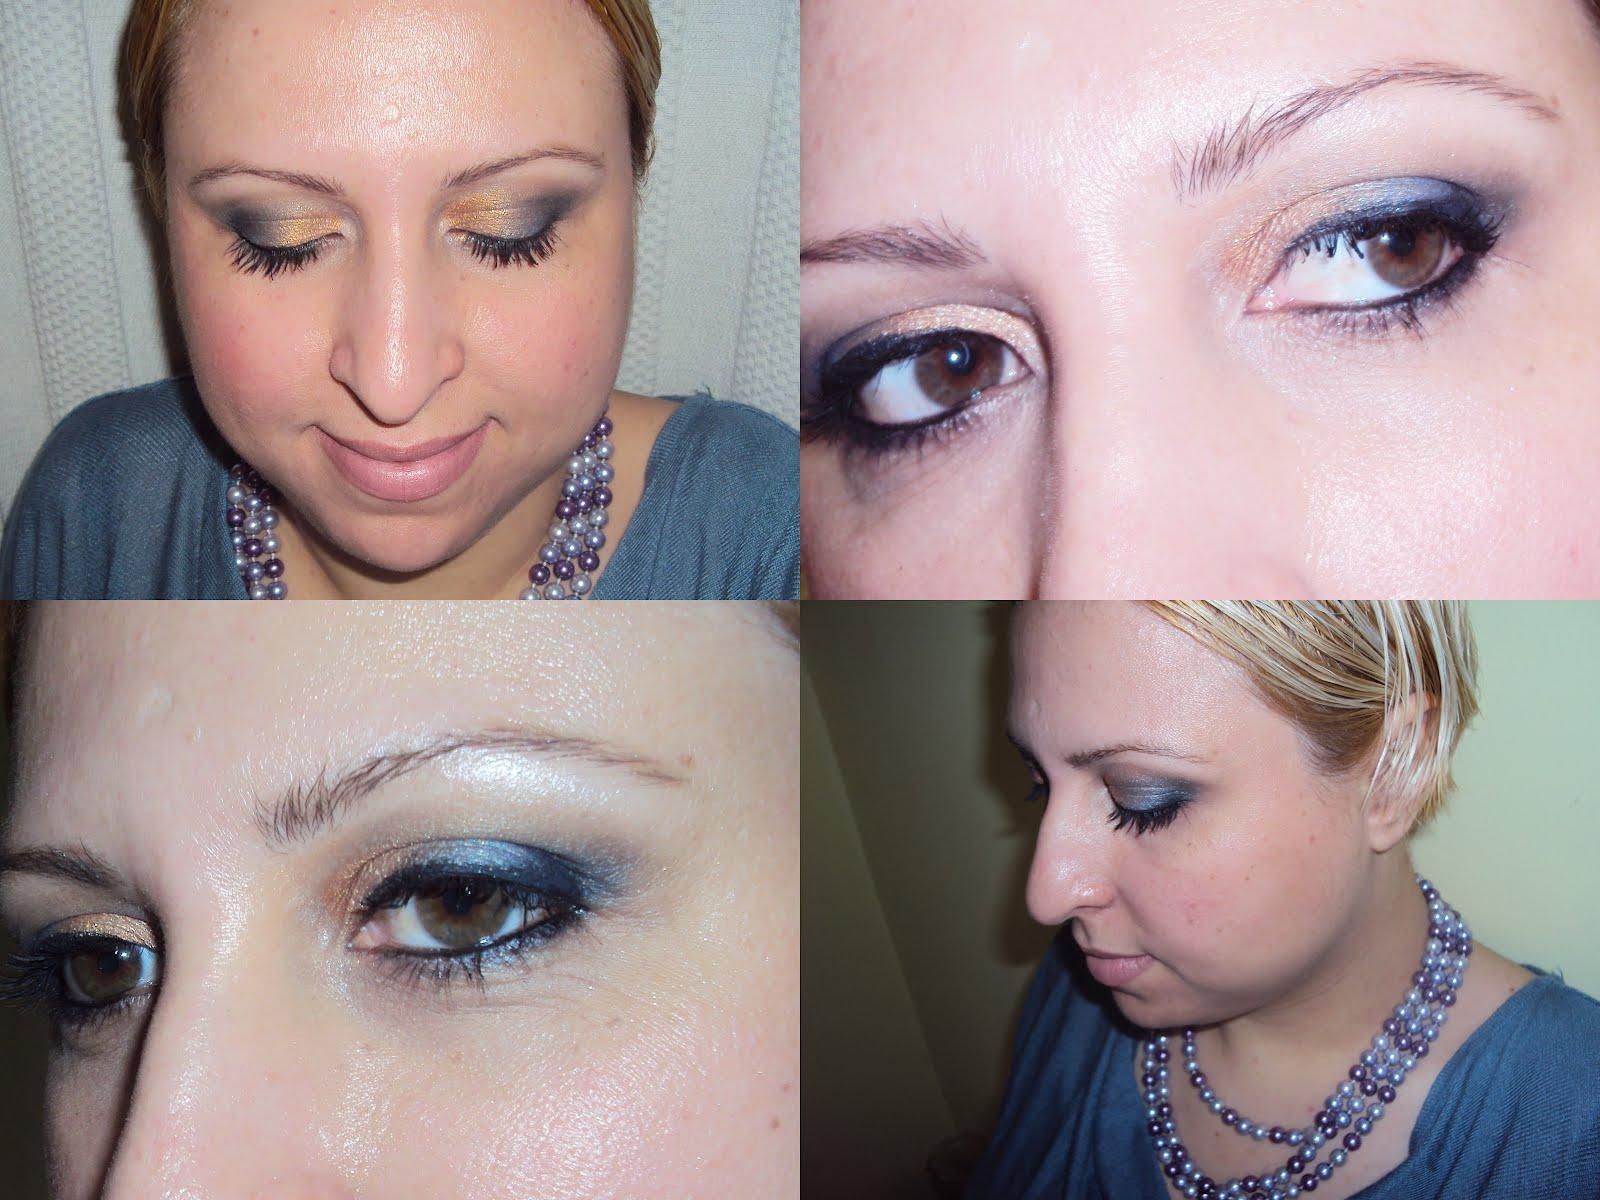 http://2.bp.blogspot.com/-0VRH0hyaKmU/UA30Y1Fzc5I/AAAAAAAADpo/bv7ZnFMqaFU/s1600/make%2Bazul.jpg